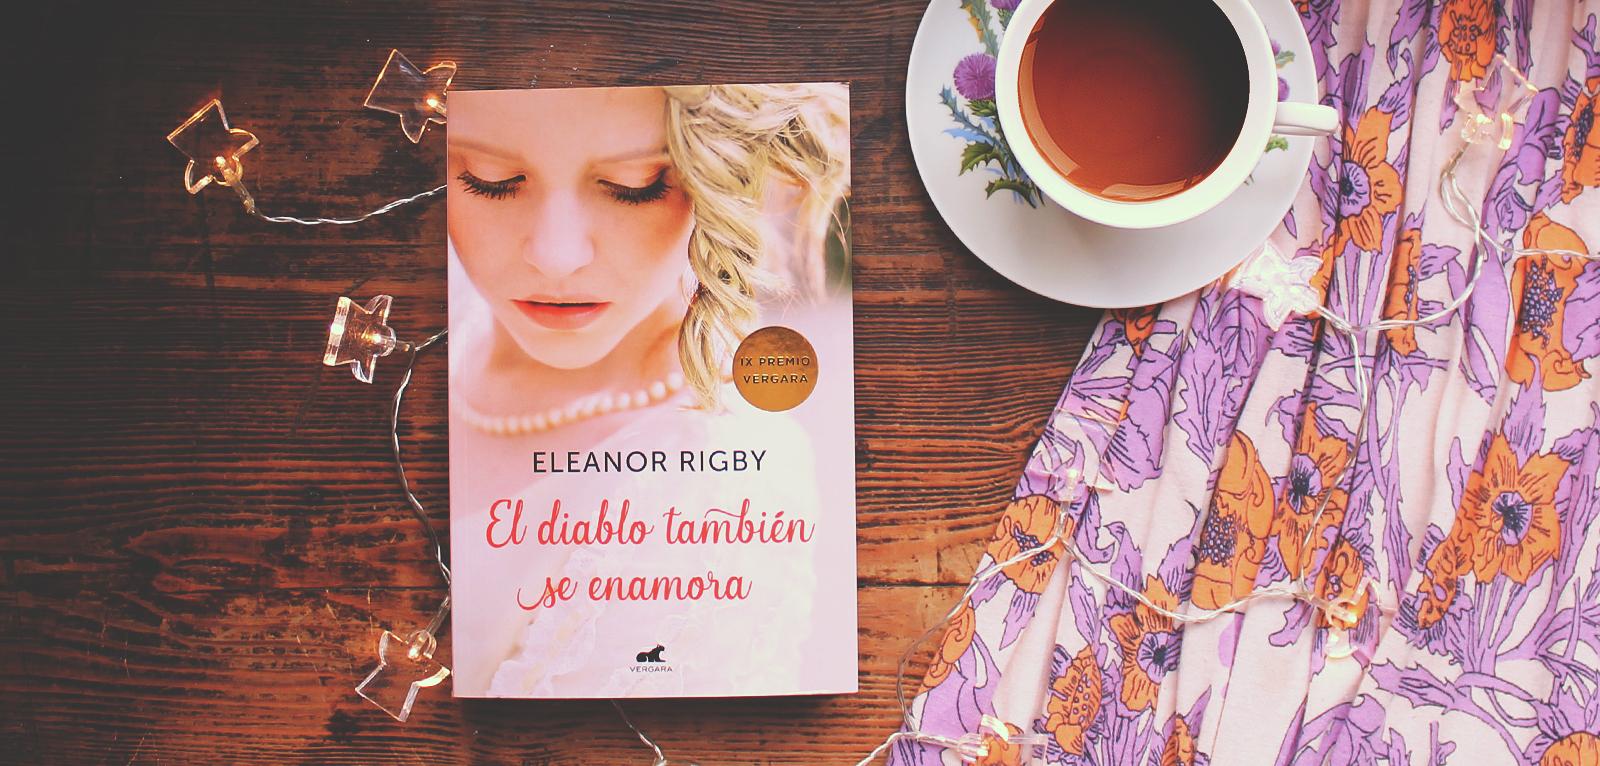 El diablo también se enamora · Eleanor Rigby